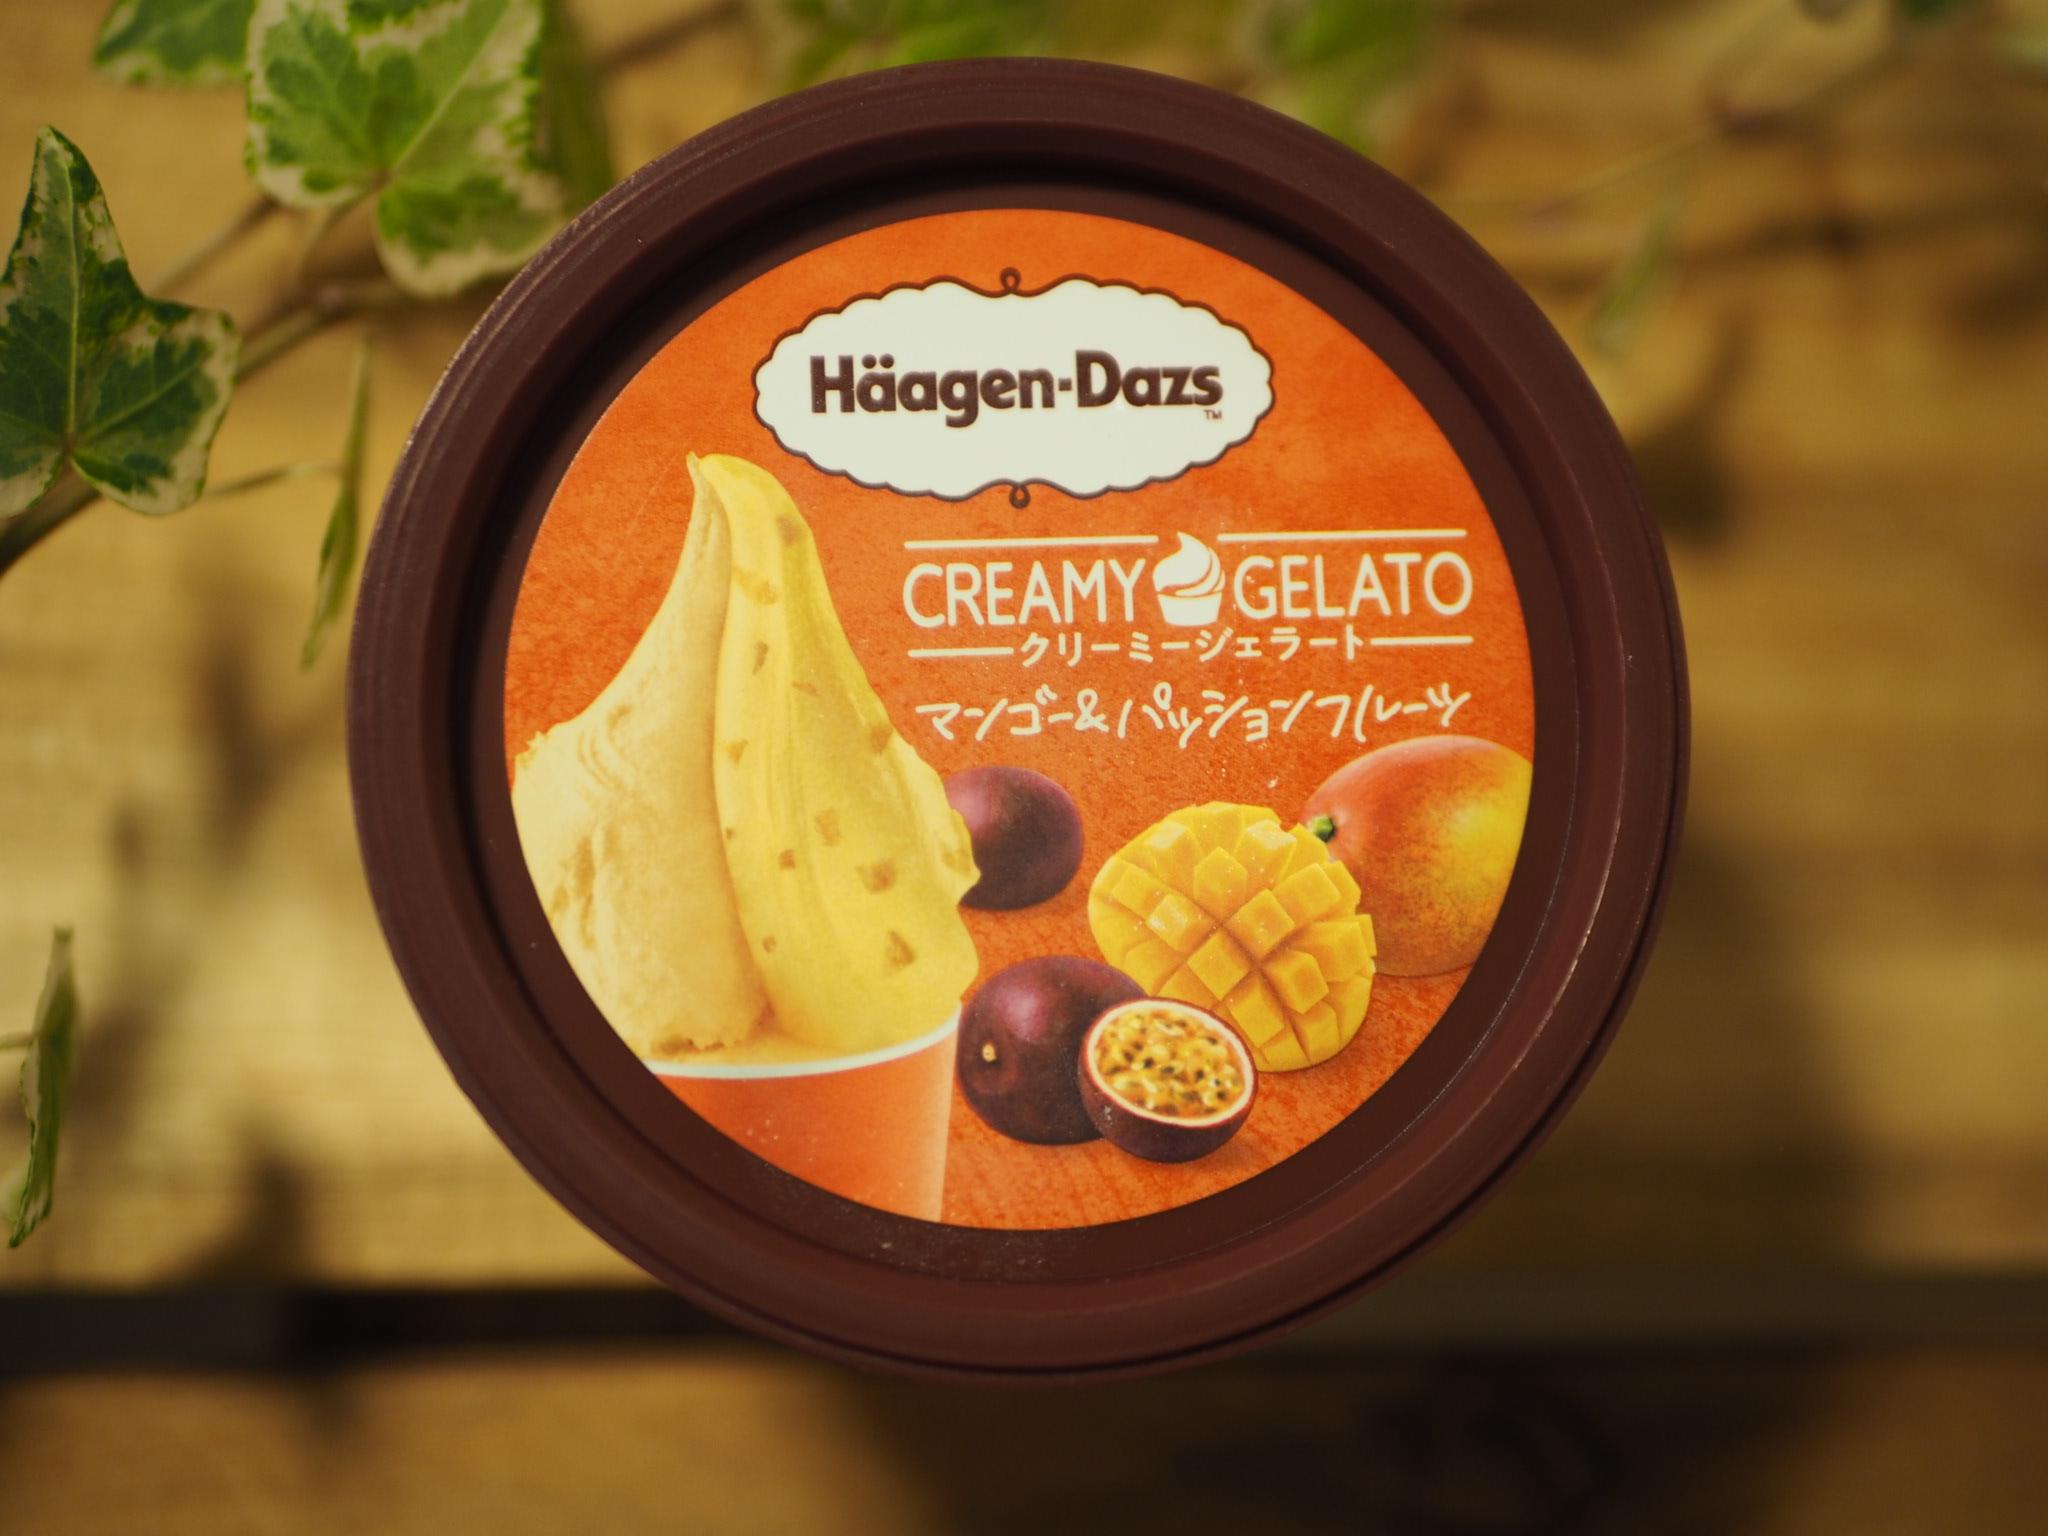 【ハーゲンダッツ】から夏の新作!2種の《クリーミージェラート》が登場❤︎❤︎_6